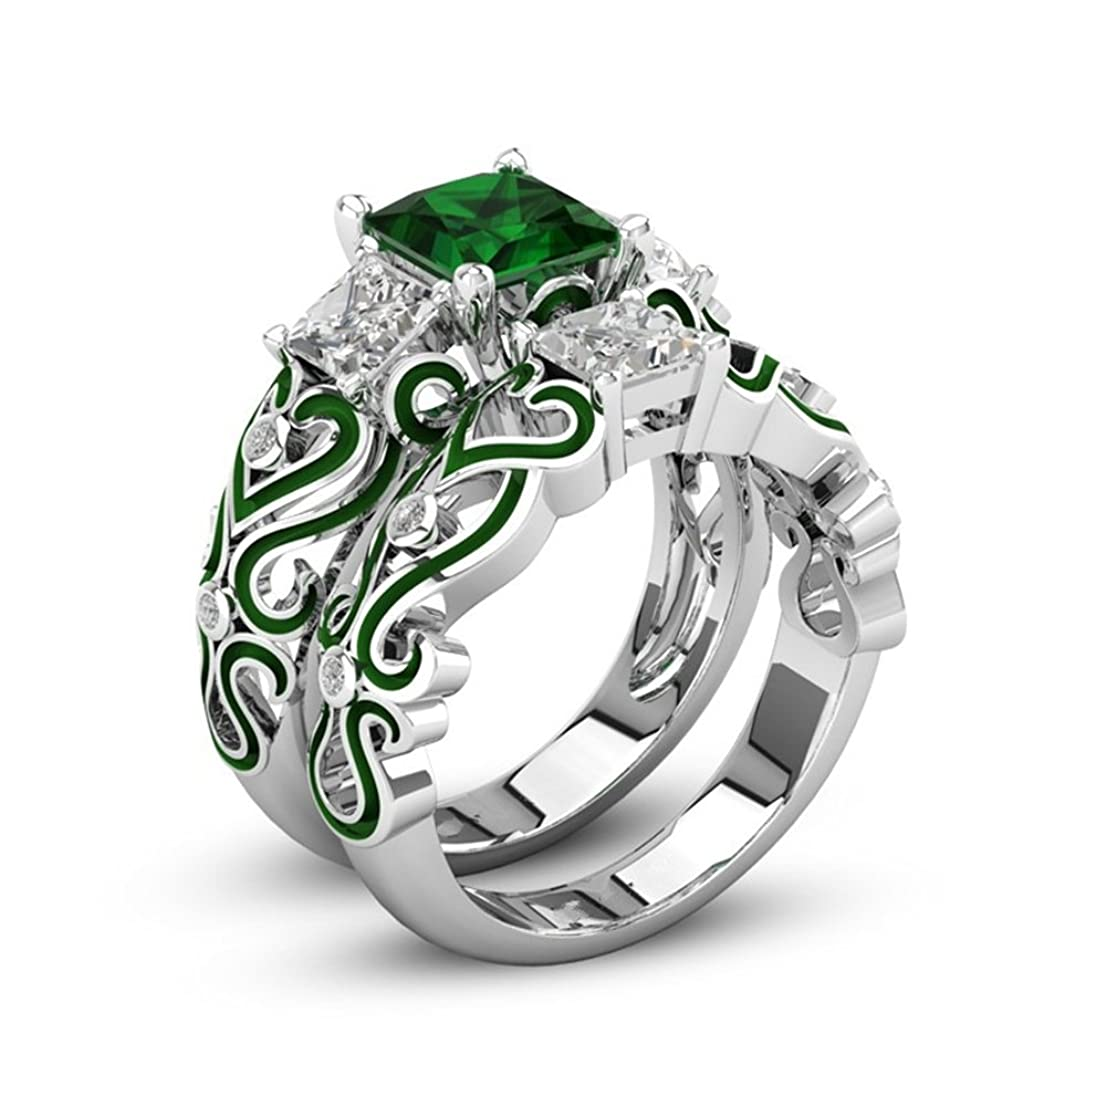 染色変える許可女性のためのファッション925シルバーメッキ結婚指輪婚約指輪フレンドマザーパーティー着用記念日 (緑, 18)